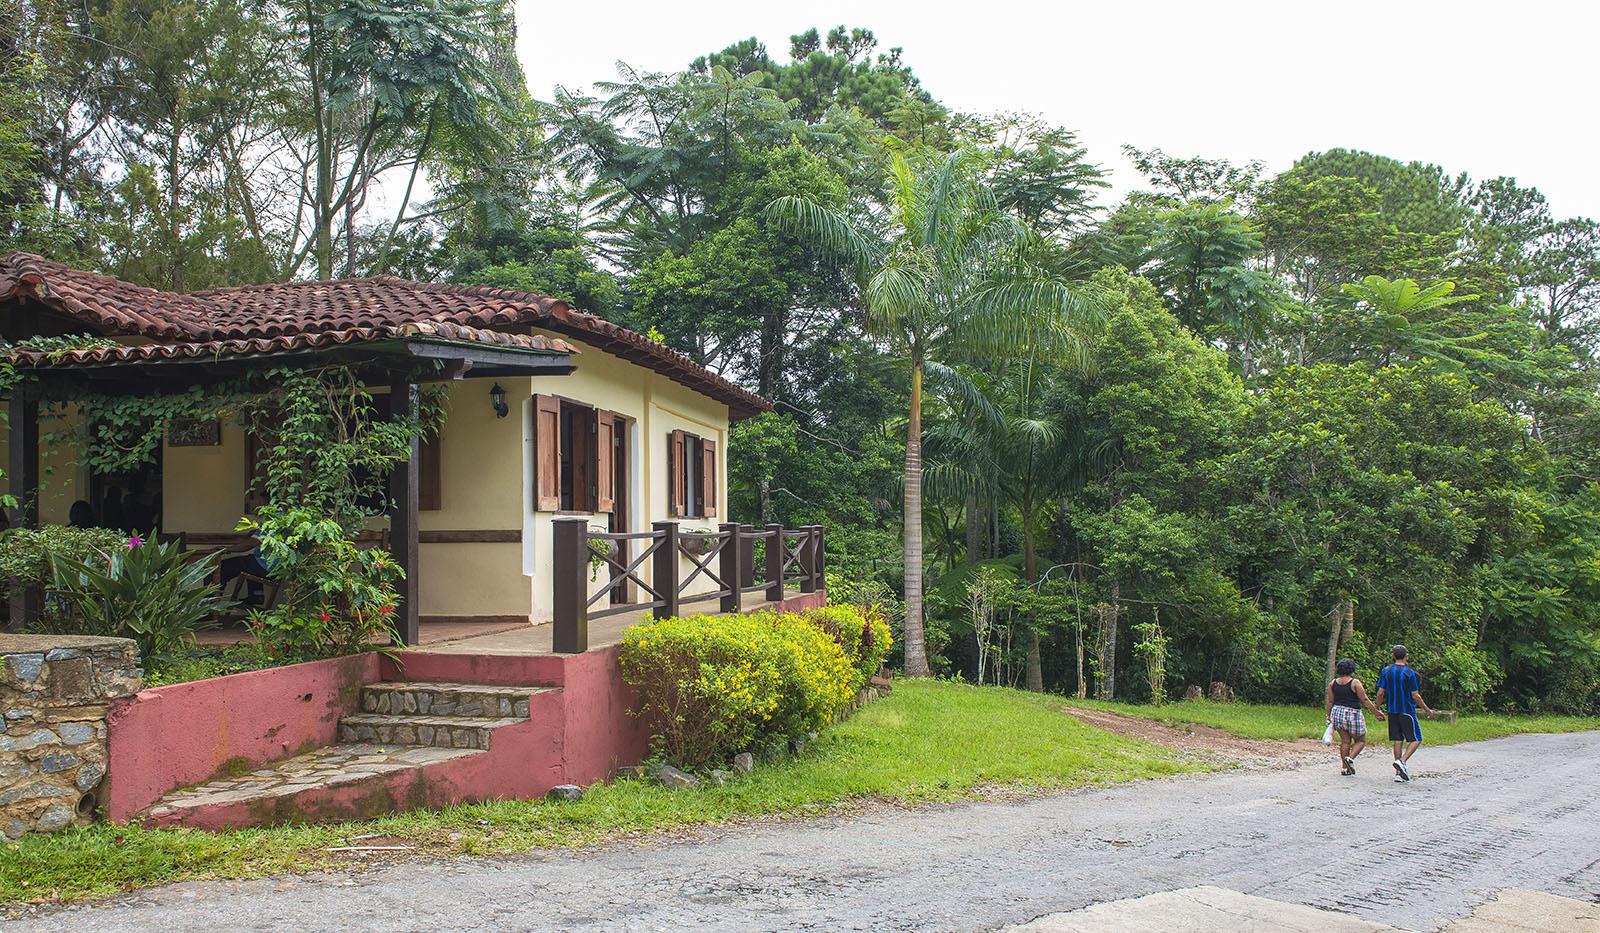 Trinidad, Tope de Collantes